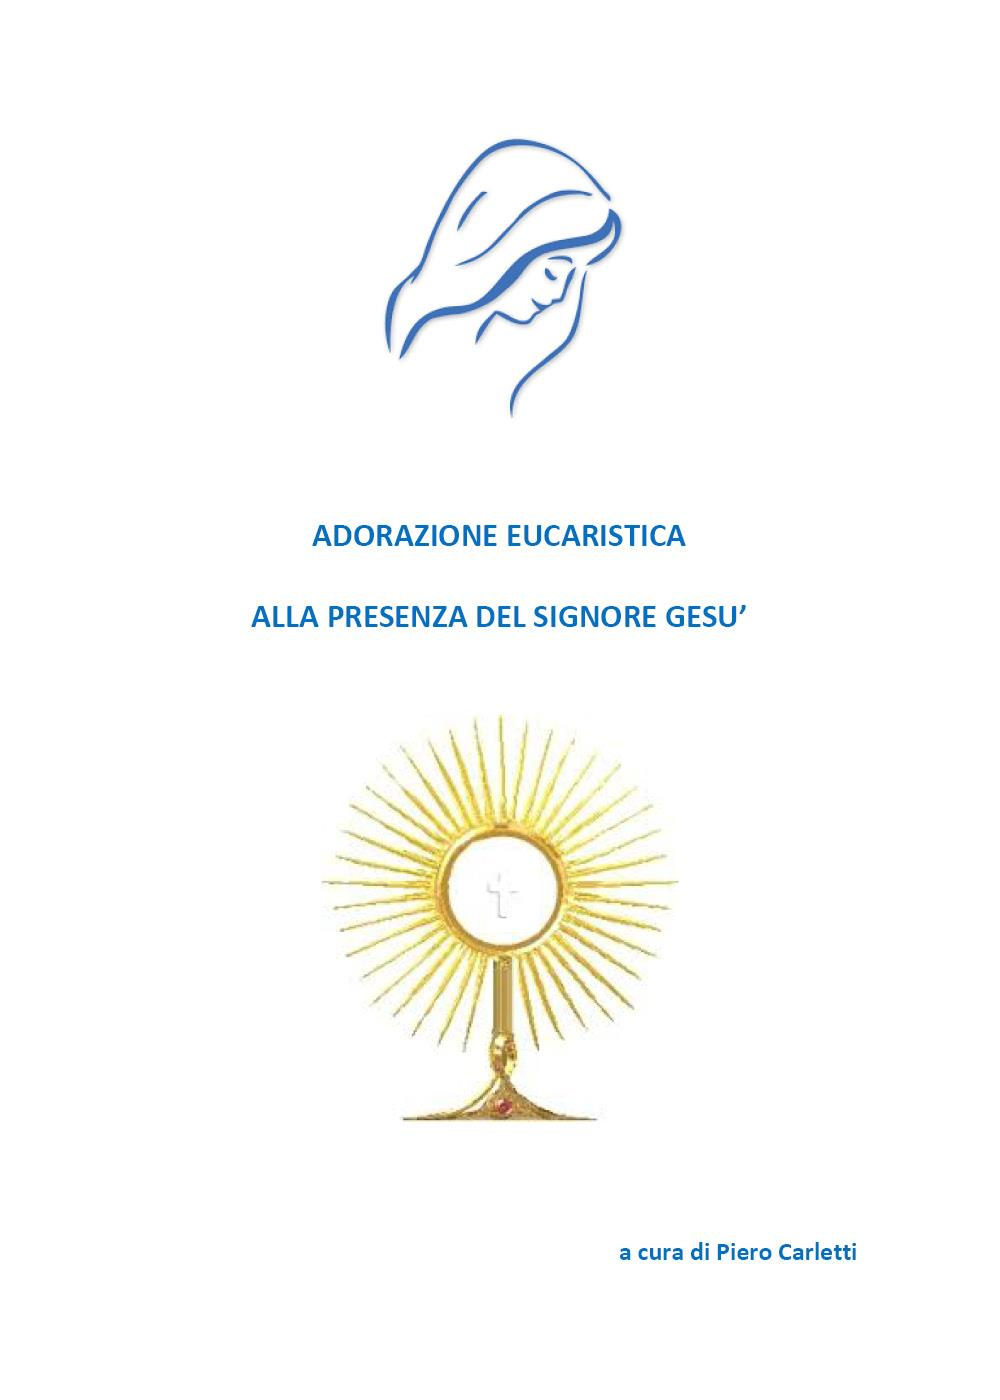 Adorazione Eucaristica alla presenza del Signore Gesù